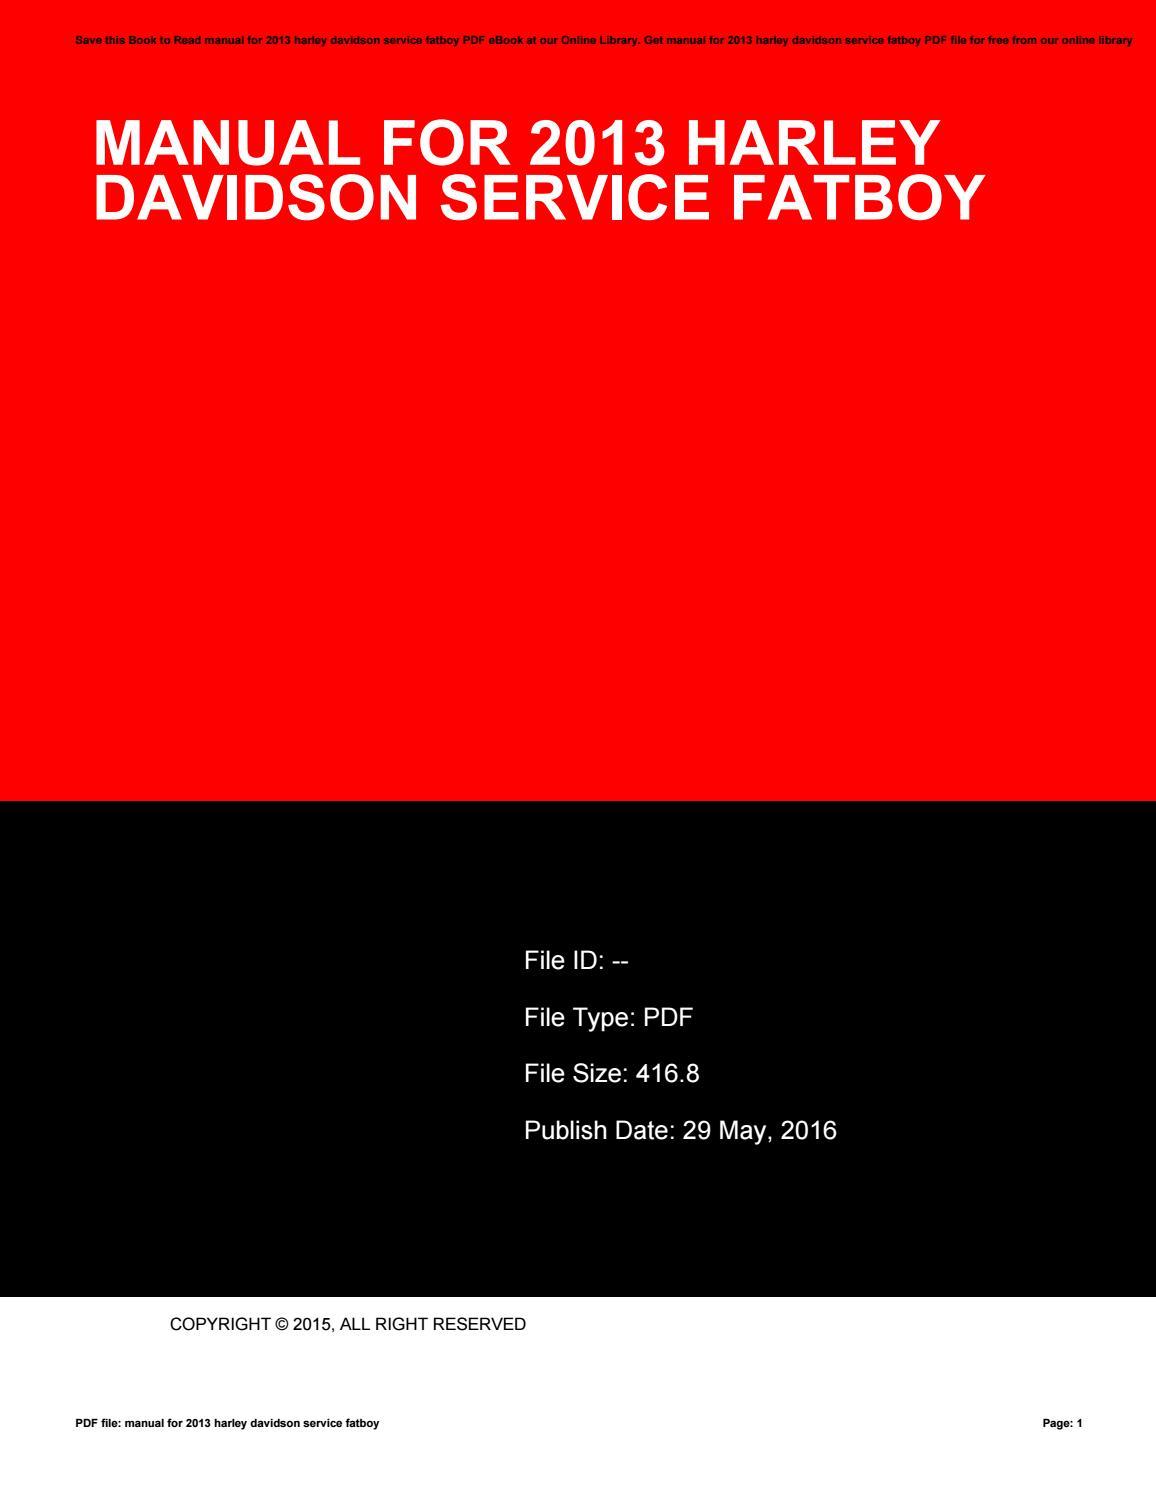 Manual for 2013 harley davidson service fatboy by ElizabethJohnson19891 -  issuu